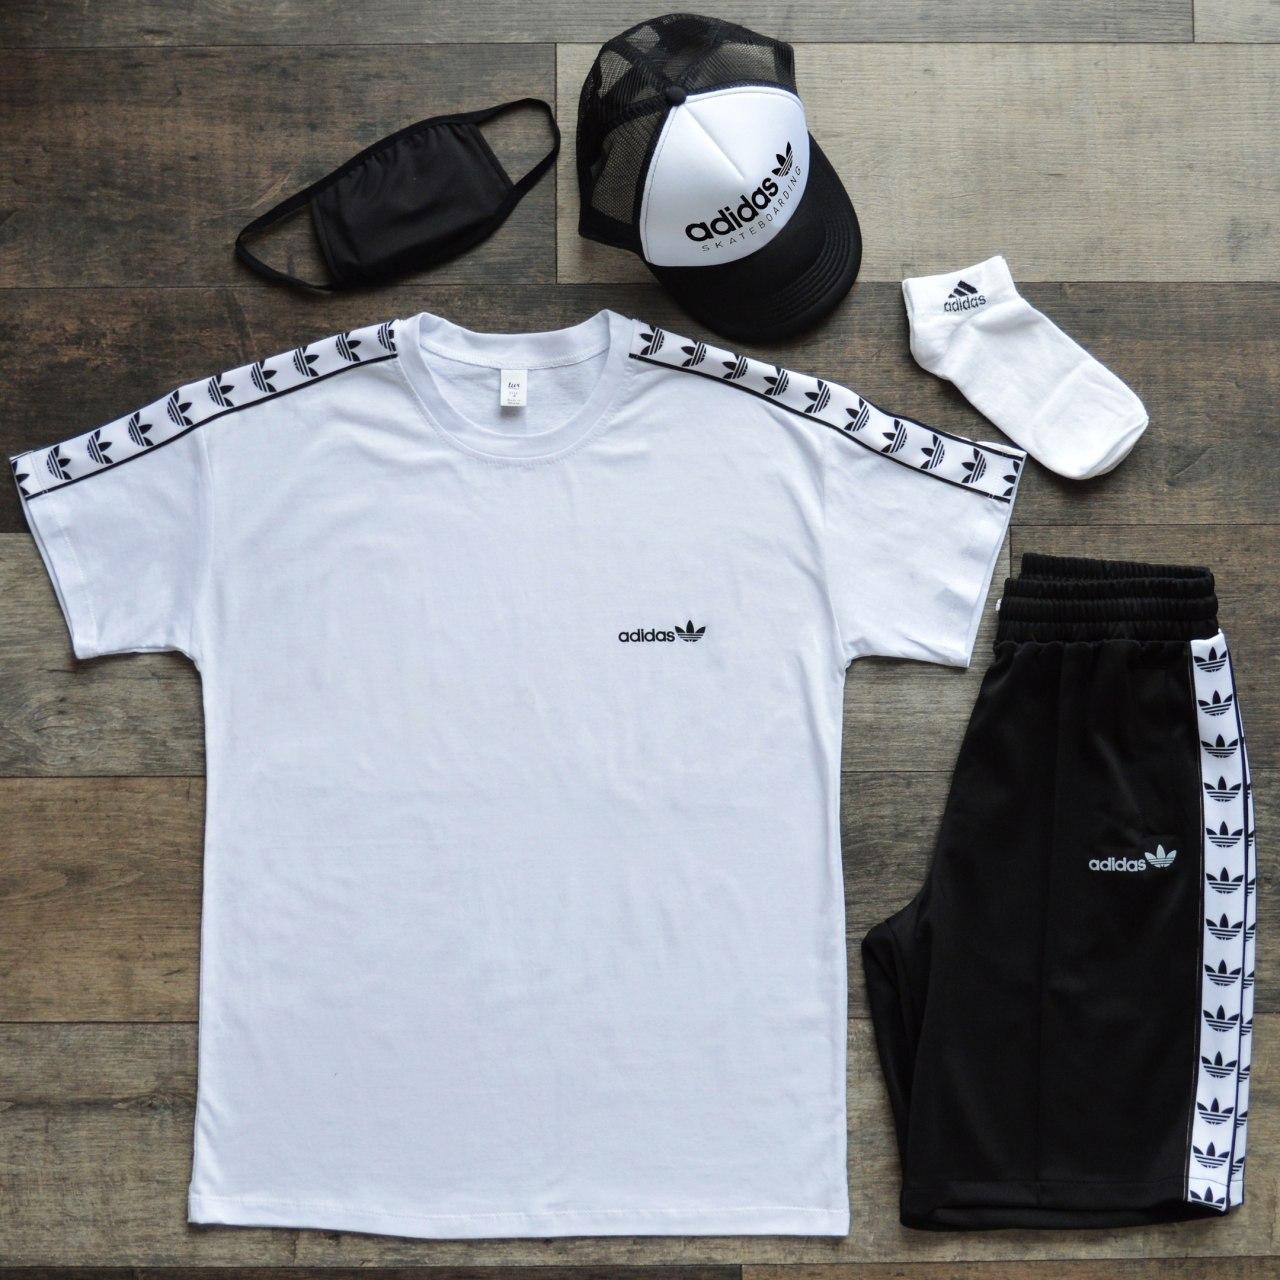 Летний комплект Адидас белая футболка мужская + чёрные шорты+маска для лица+тракер+носки  S, M, L, XL